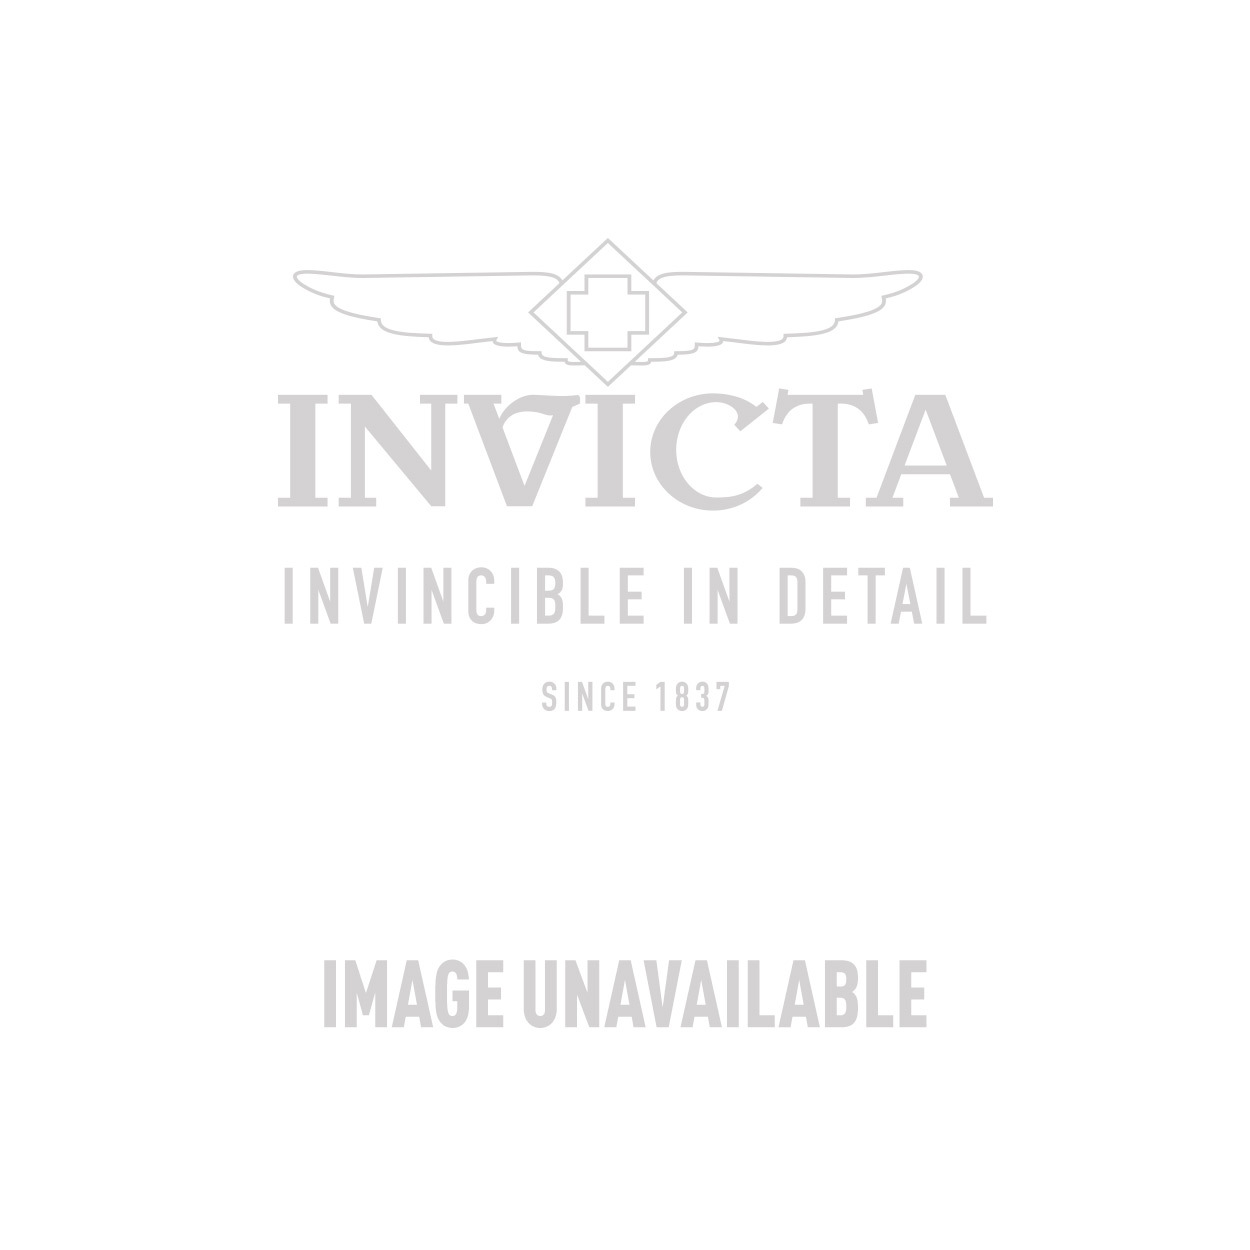 Invicta Subaqua  NOMA III Mens Quartz 50mm Gold Case  Stainless Steel Dial Model  - 5403